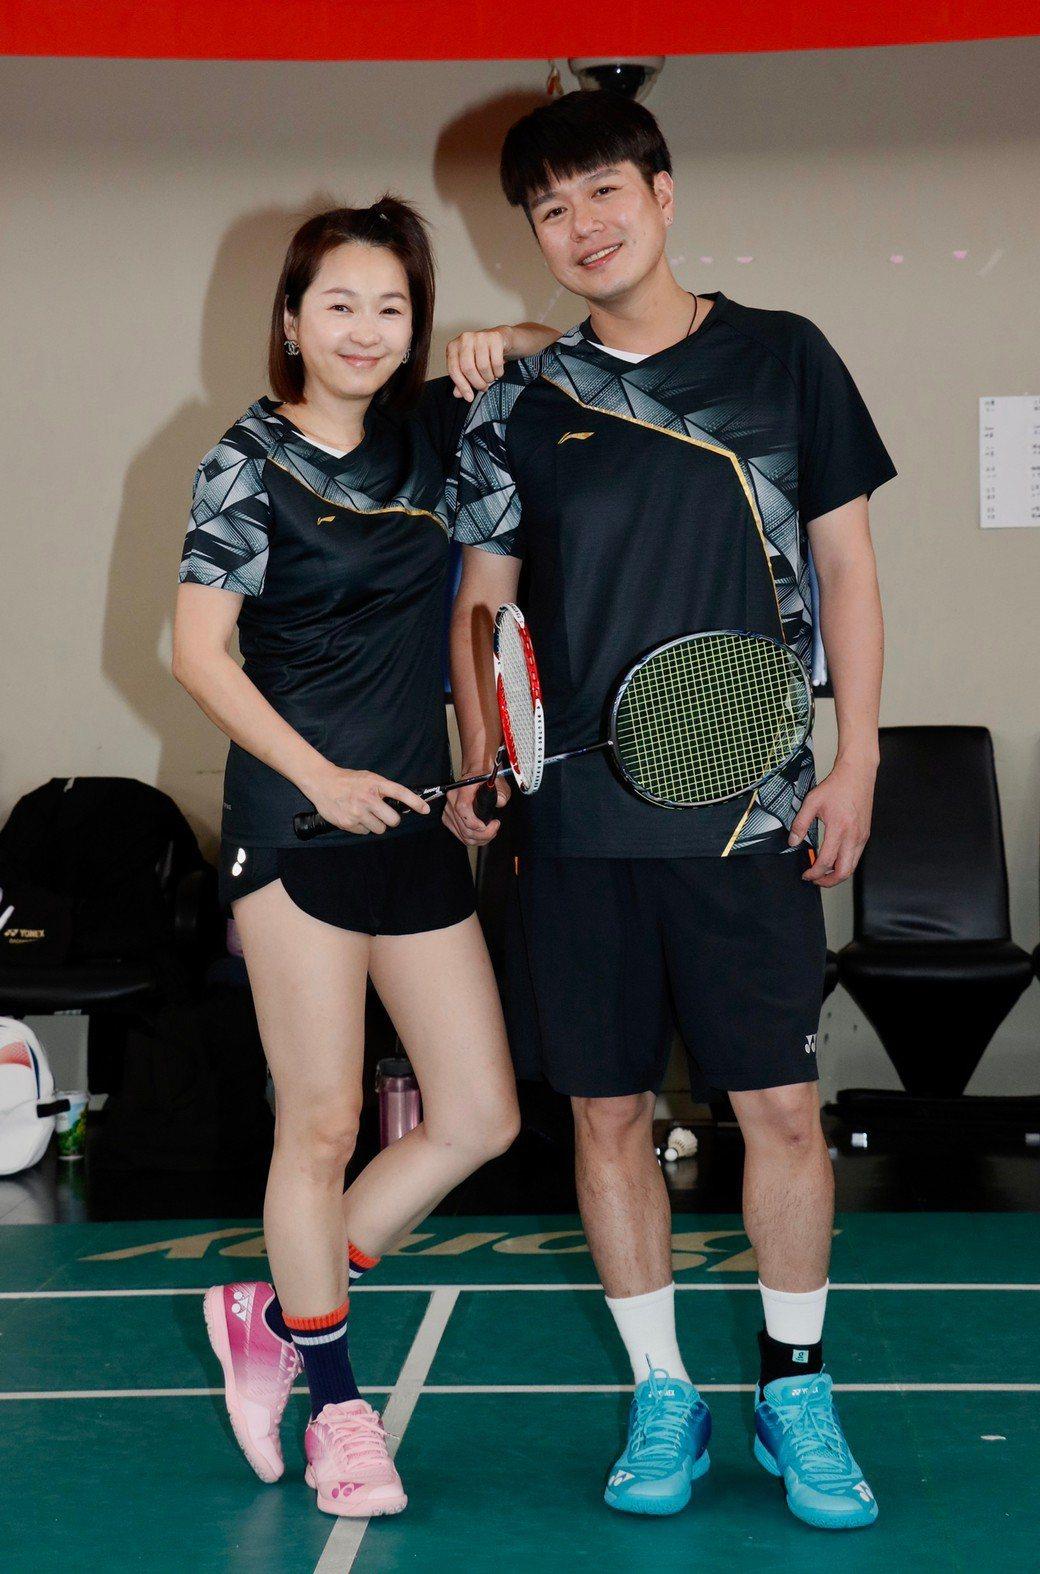 六月、李易夫妻檔參加「全明星羽球賽」。記者李政龍/攝影